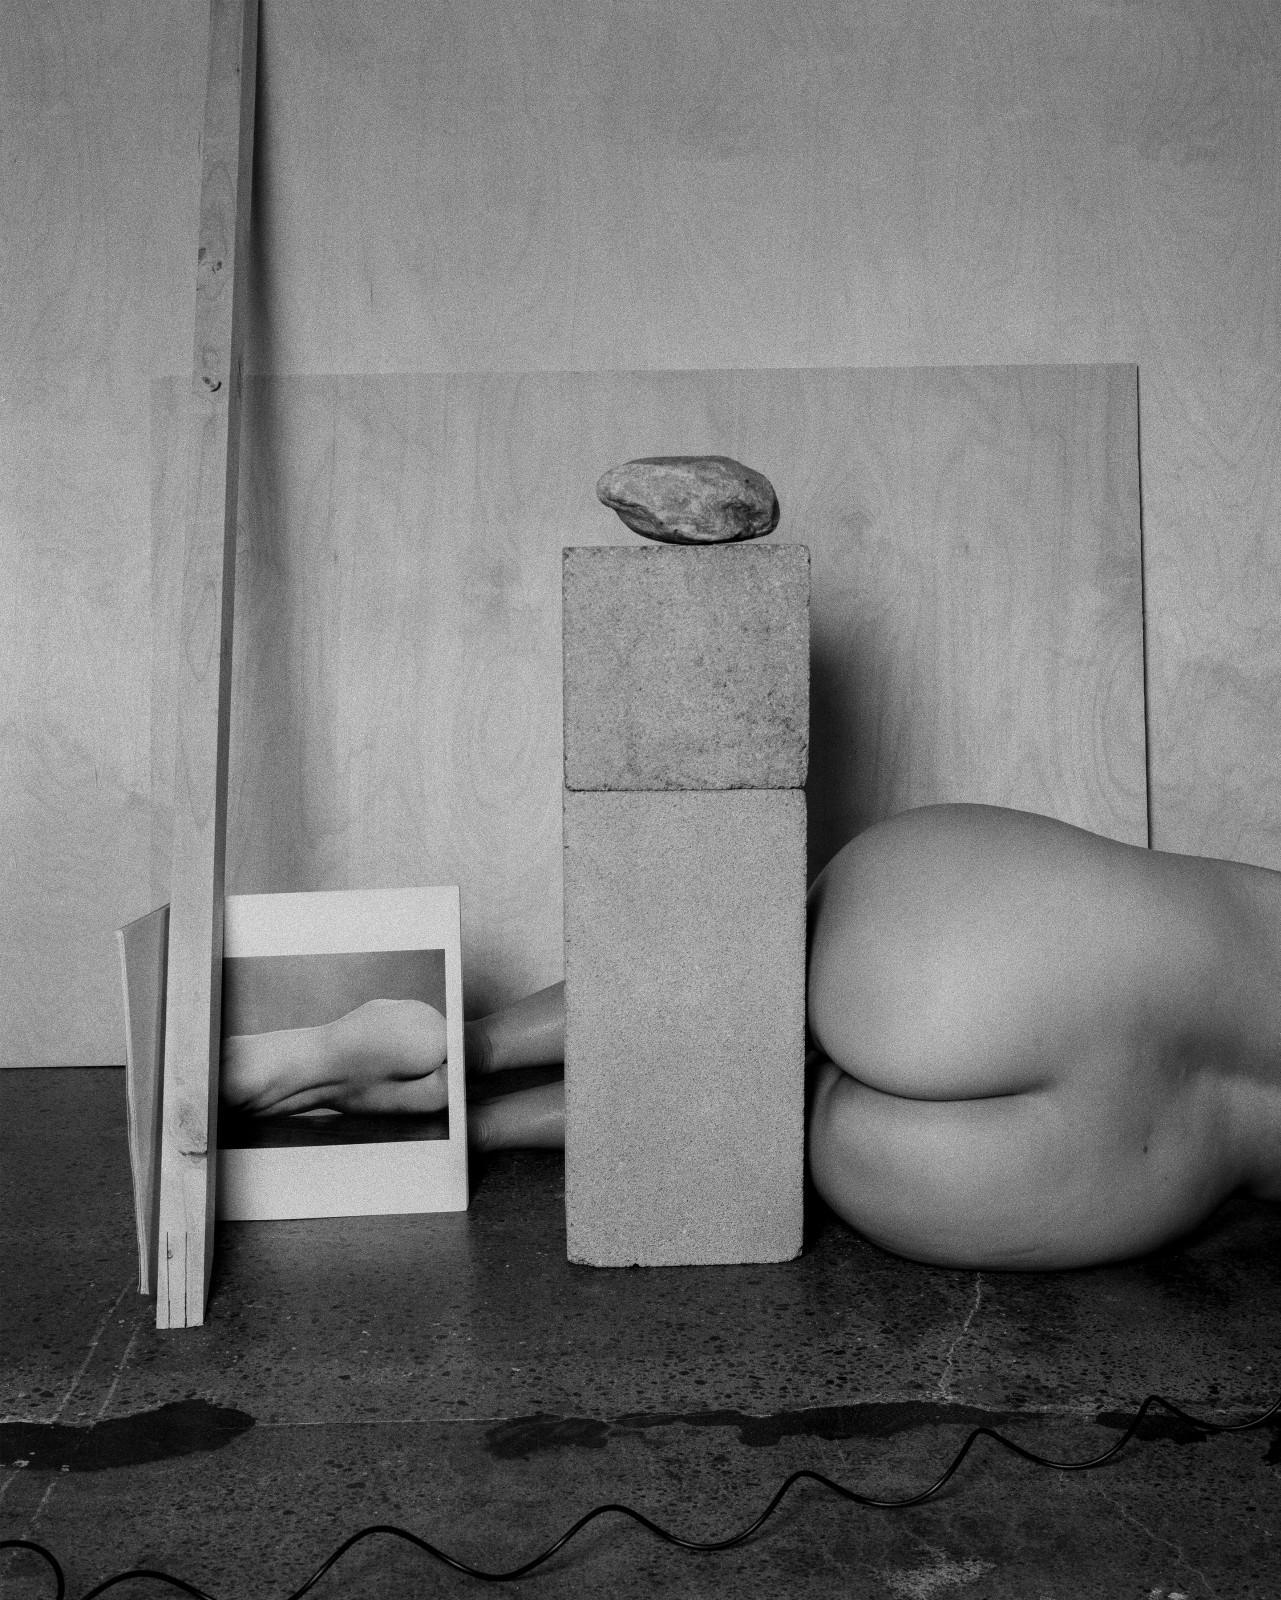 Tarrah Krajnak, Autoportrait en Weston-en Charis Wilson, 1925-2020, série Rituels de maîtres II ; les Nus de Weston, 2020. Avec l'aimable autorisation de l'artiste